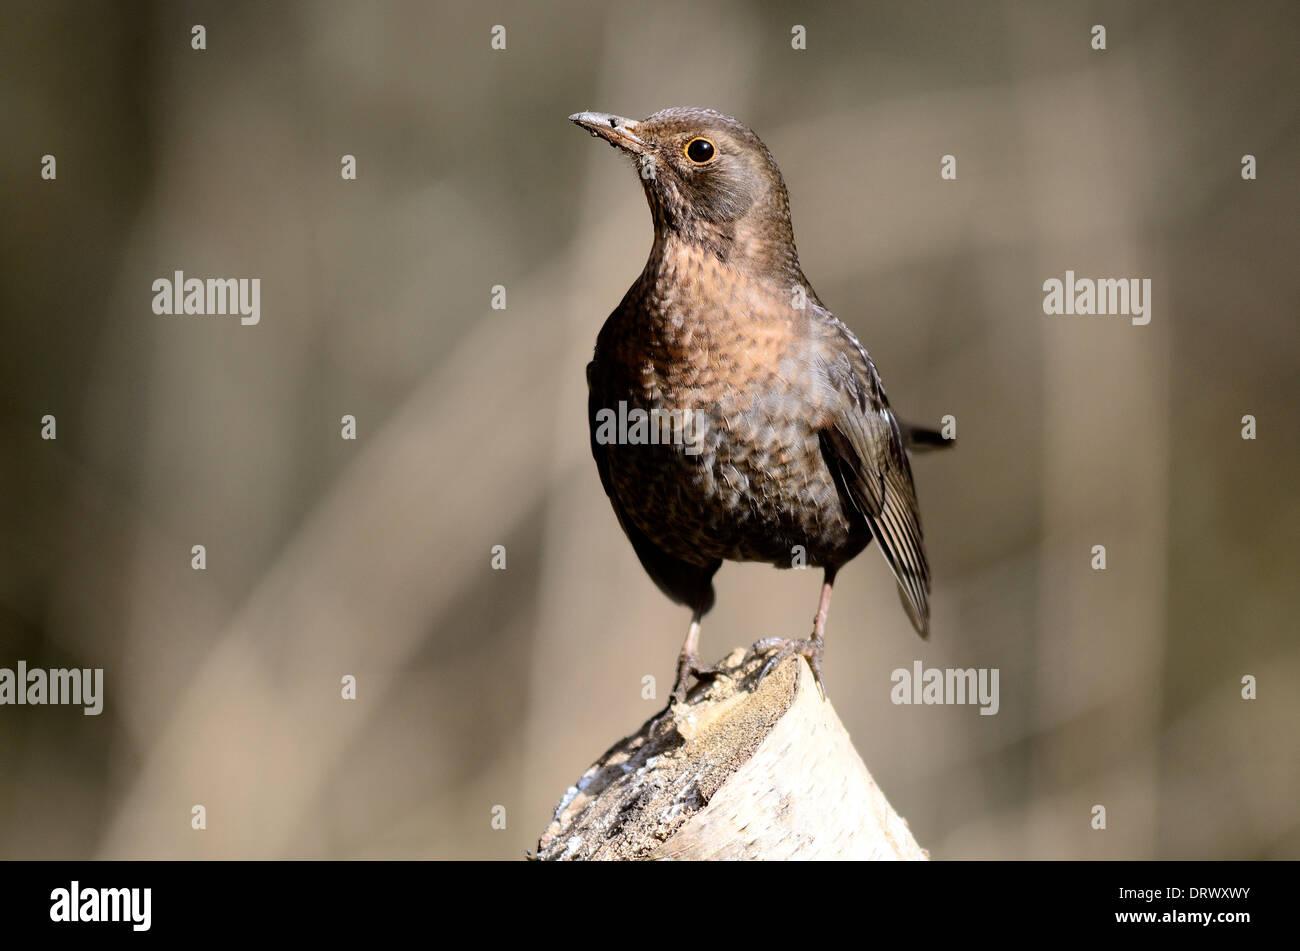 A cheeky blackbirdUK Stock Photo